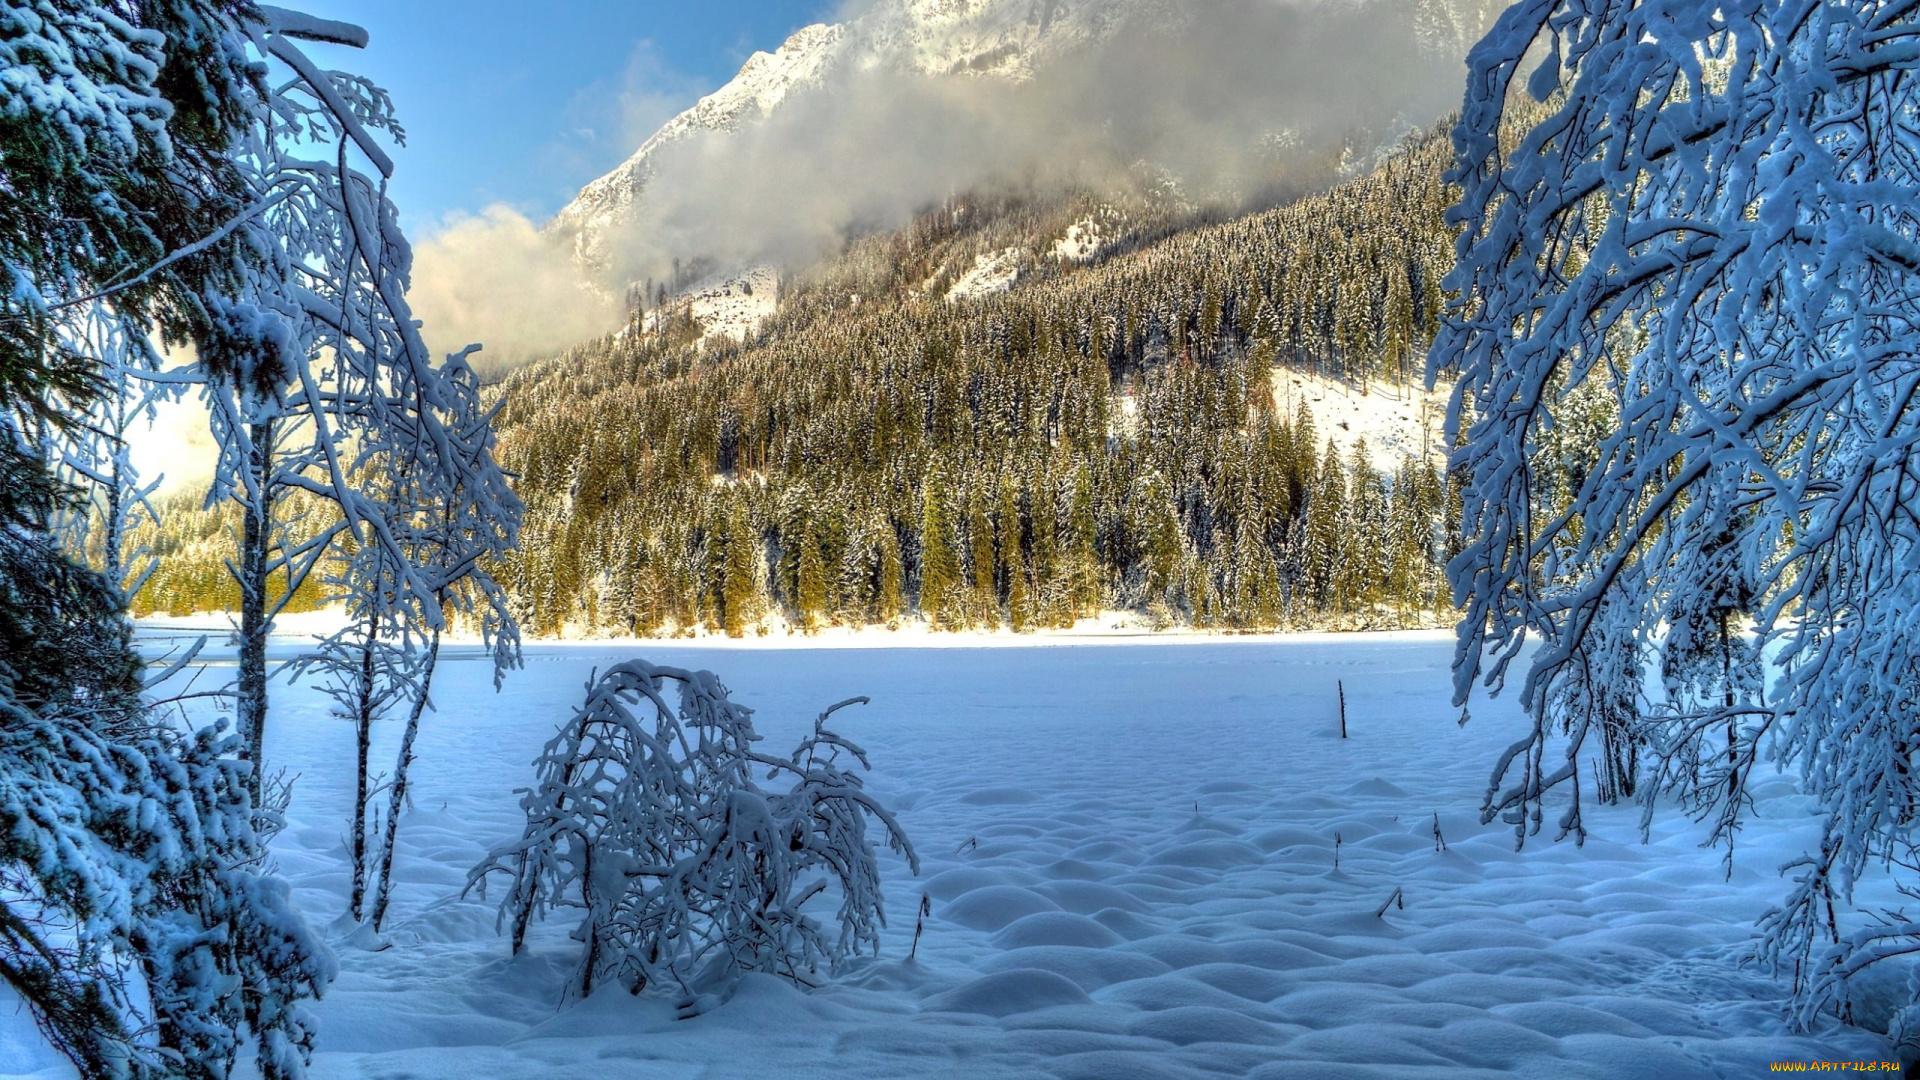 обои на рабочий стол зима в горах с озером № 201909 загрузить